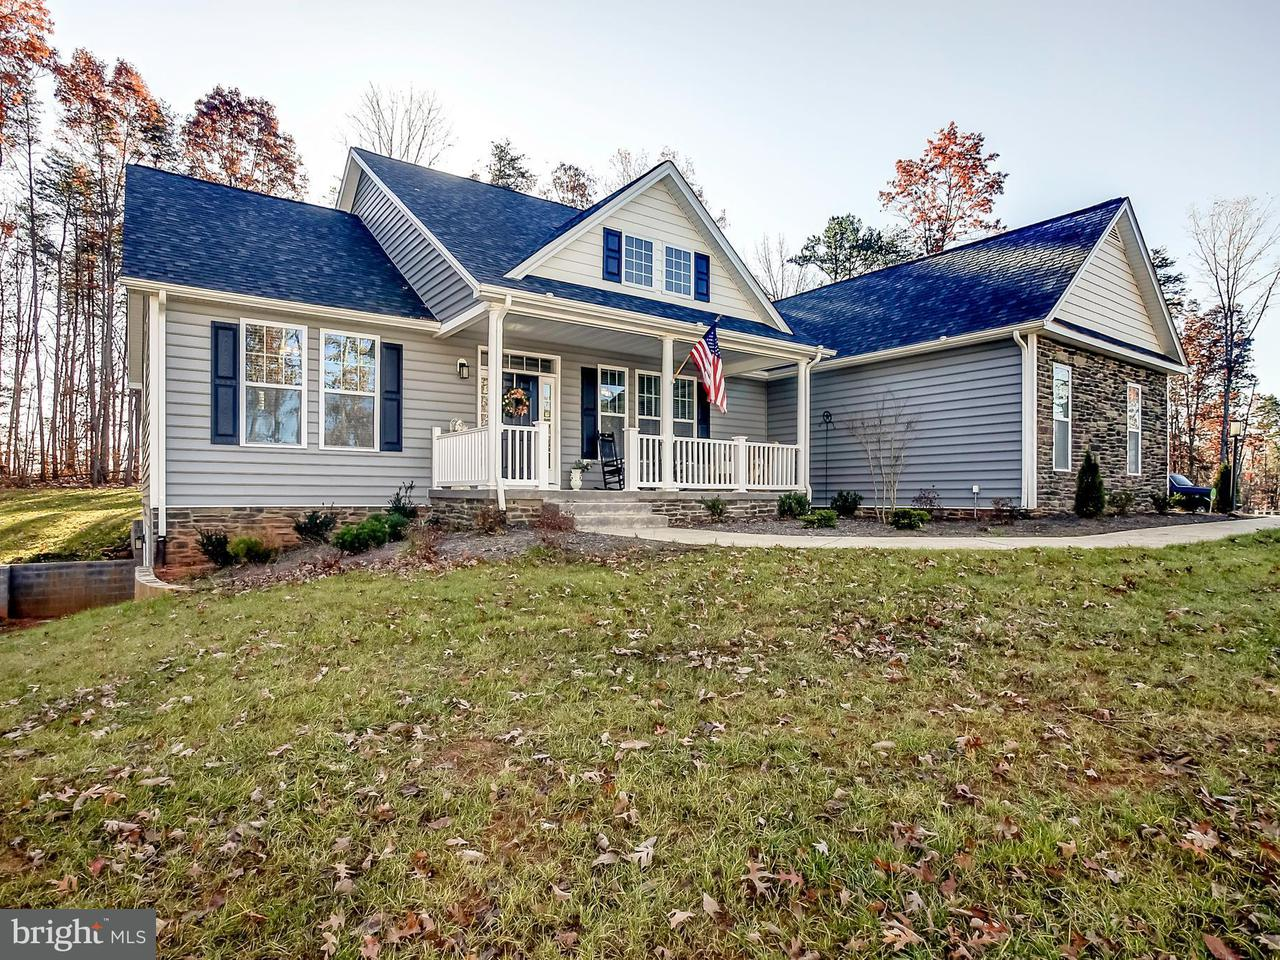 一戸建て のために 売買 アット 378 Kenwood Lane 378 Kenwood Lane Ruckersville, バージニア 22968 アメリカ合衆国